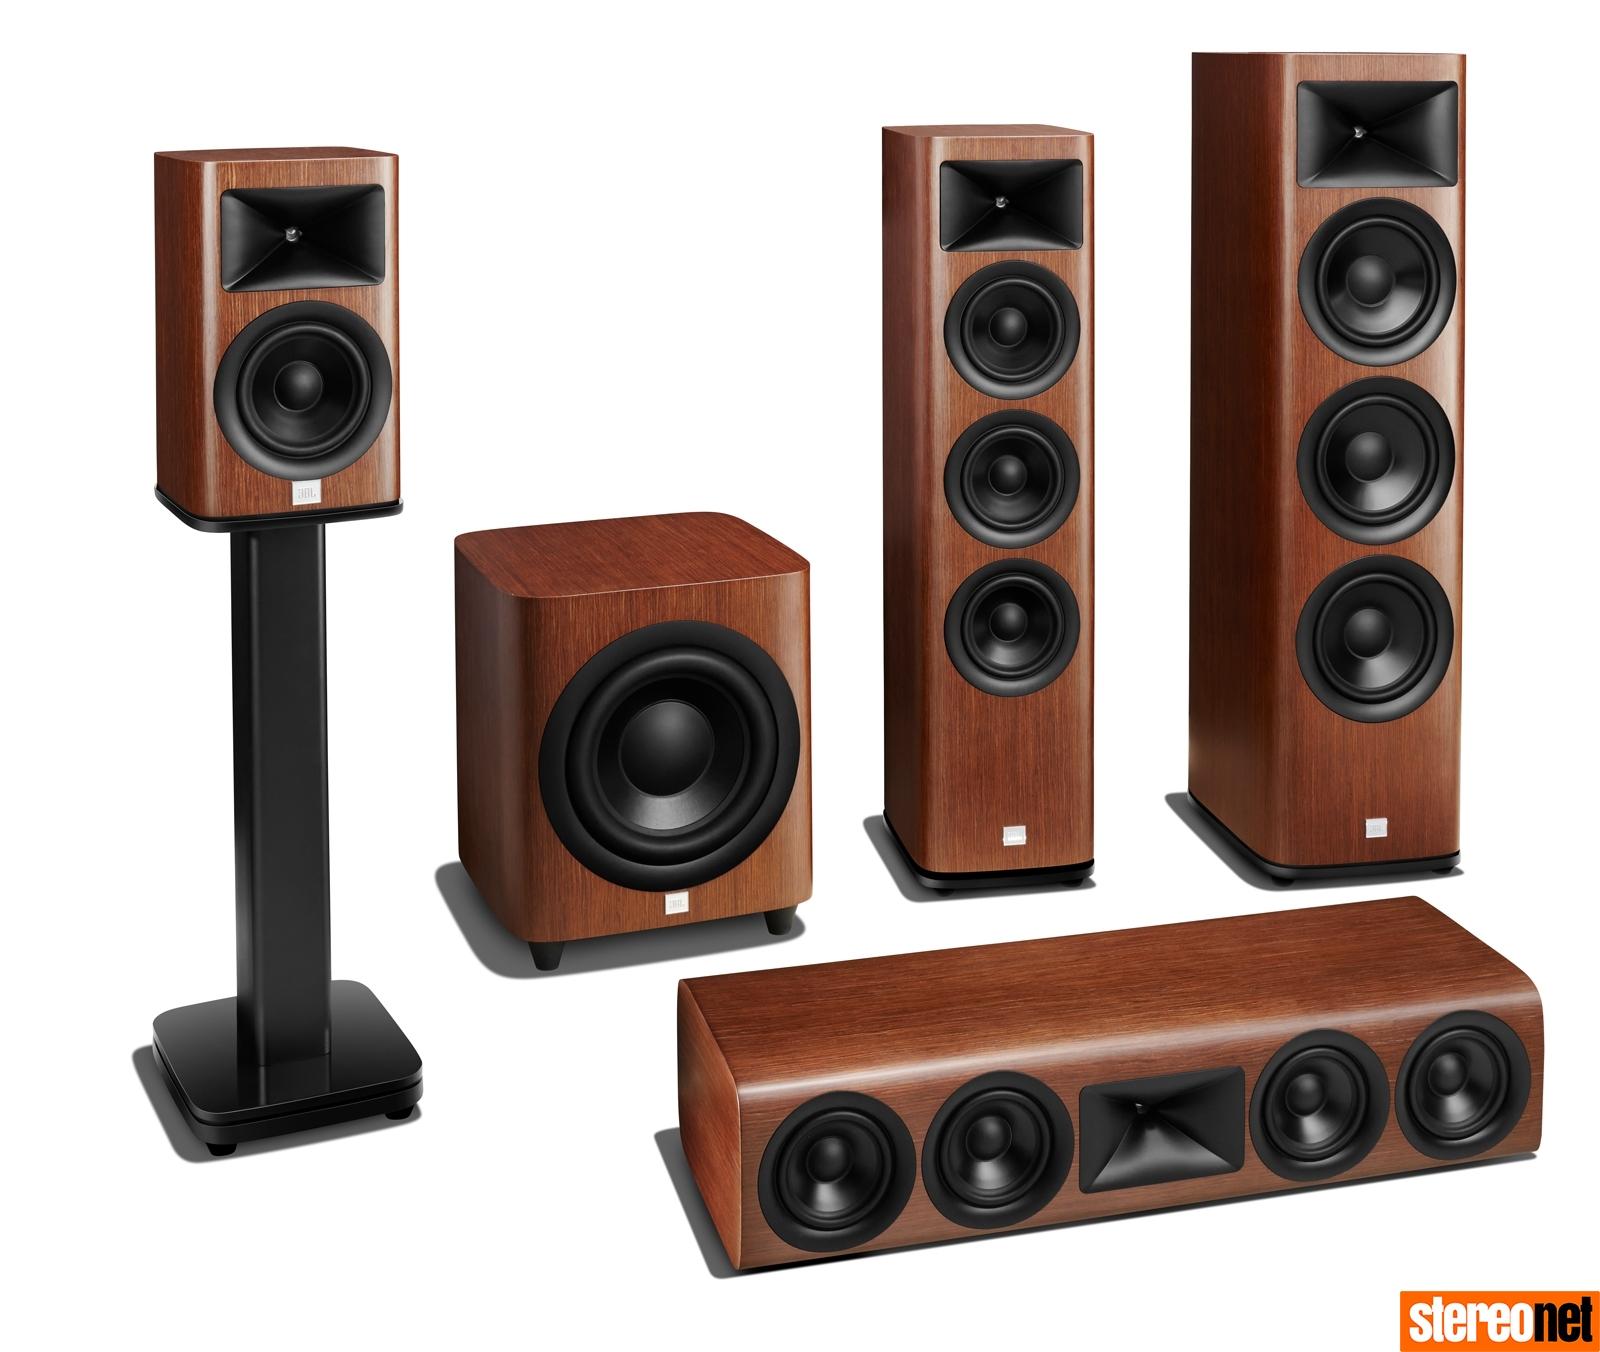 JBL HDI-3800 Loudspeaker Review